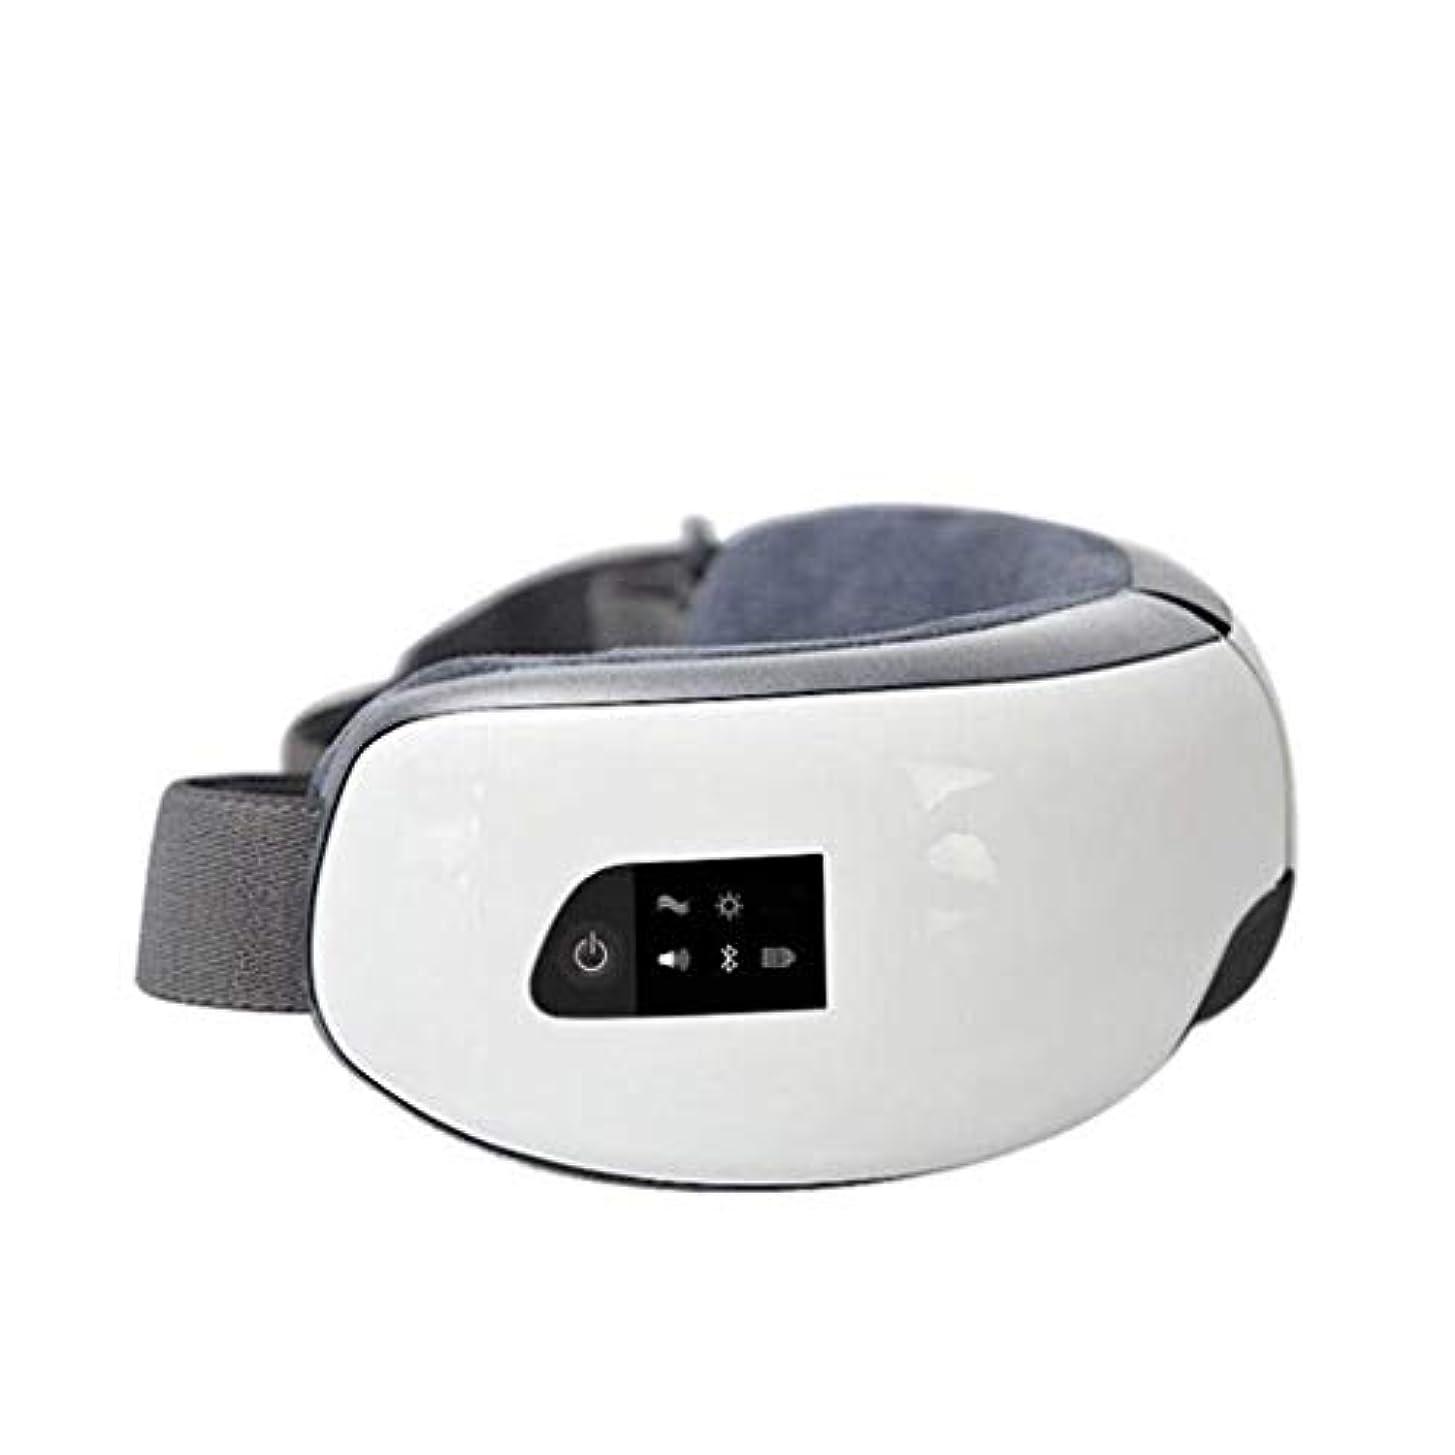 加熱式および空気式アイマッサージャー、折りたたみ式および充電式ワンボタンインテリジェント減圧器、ワイヤレスポータブル、アイ疲労軽減、ダークサークル、アイバッグ、美容機器付き電動アイマスク